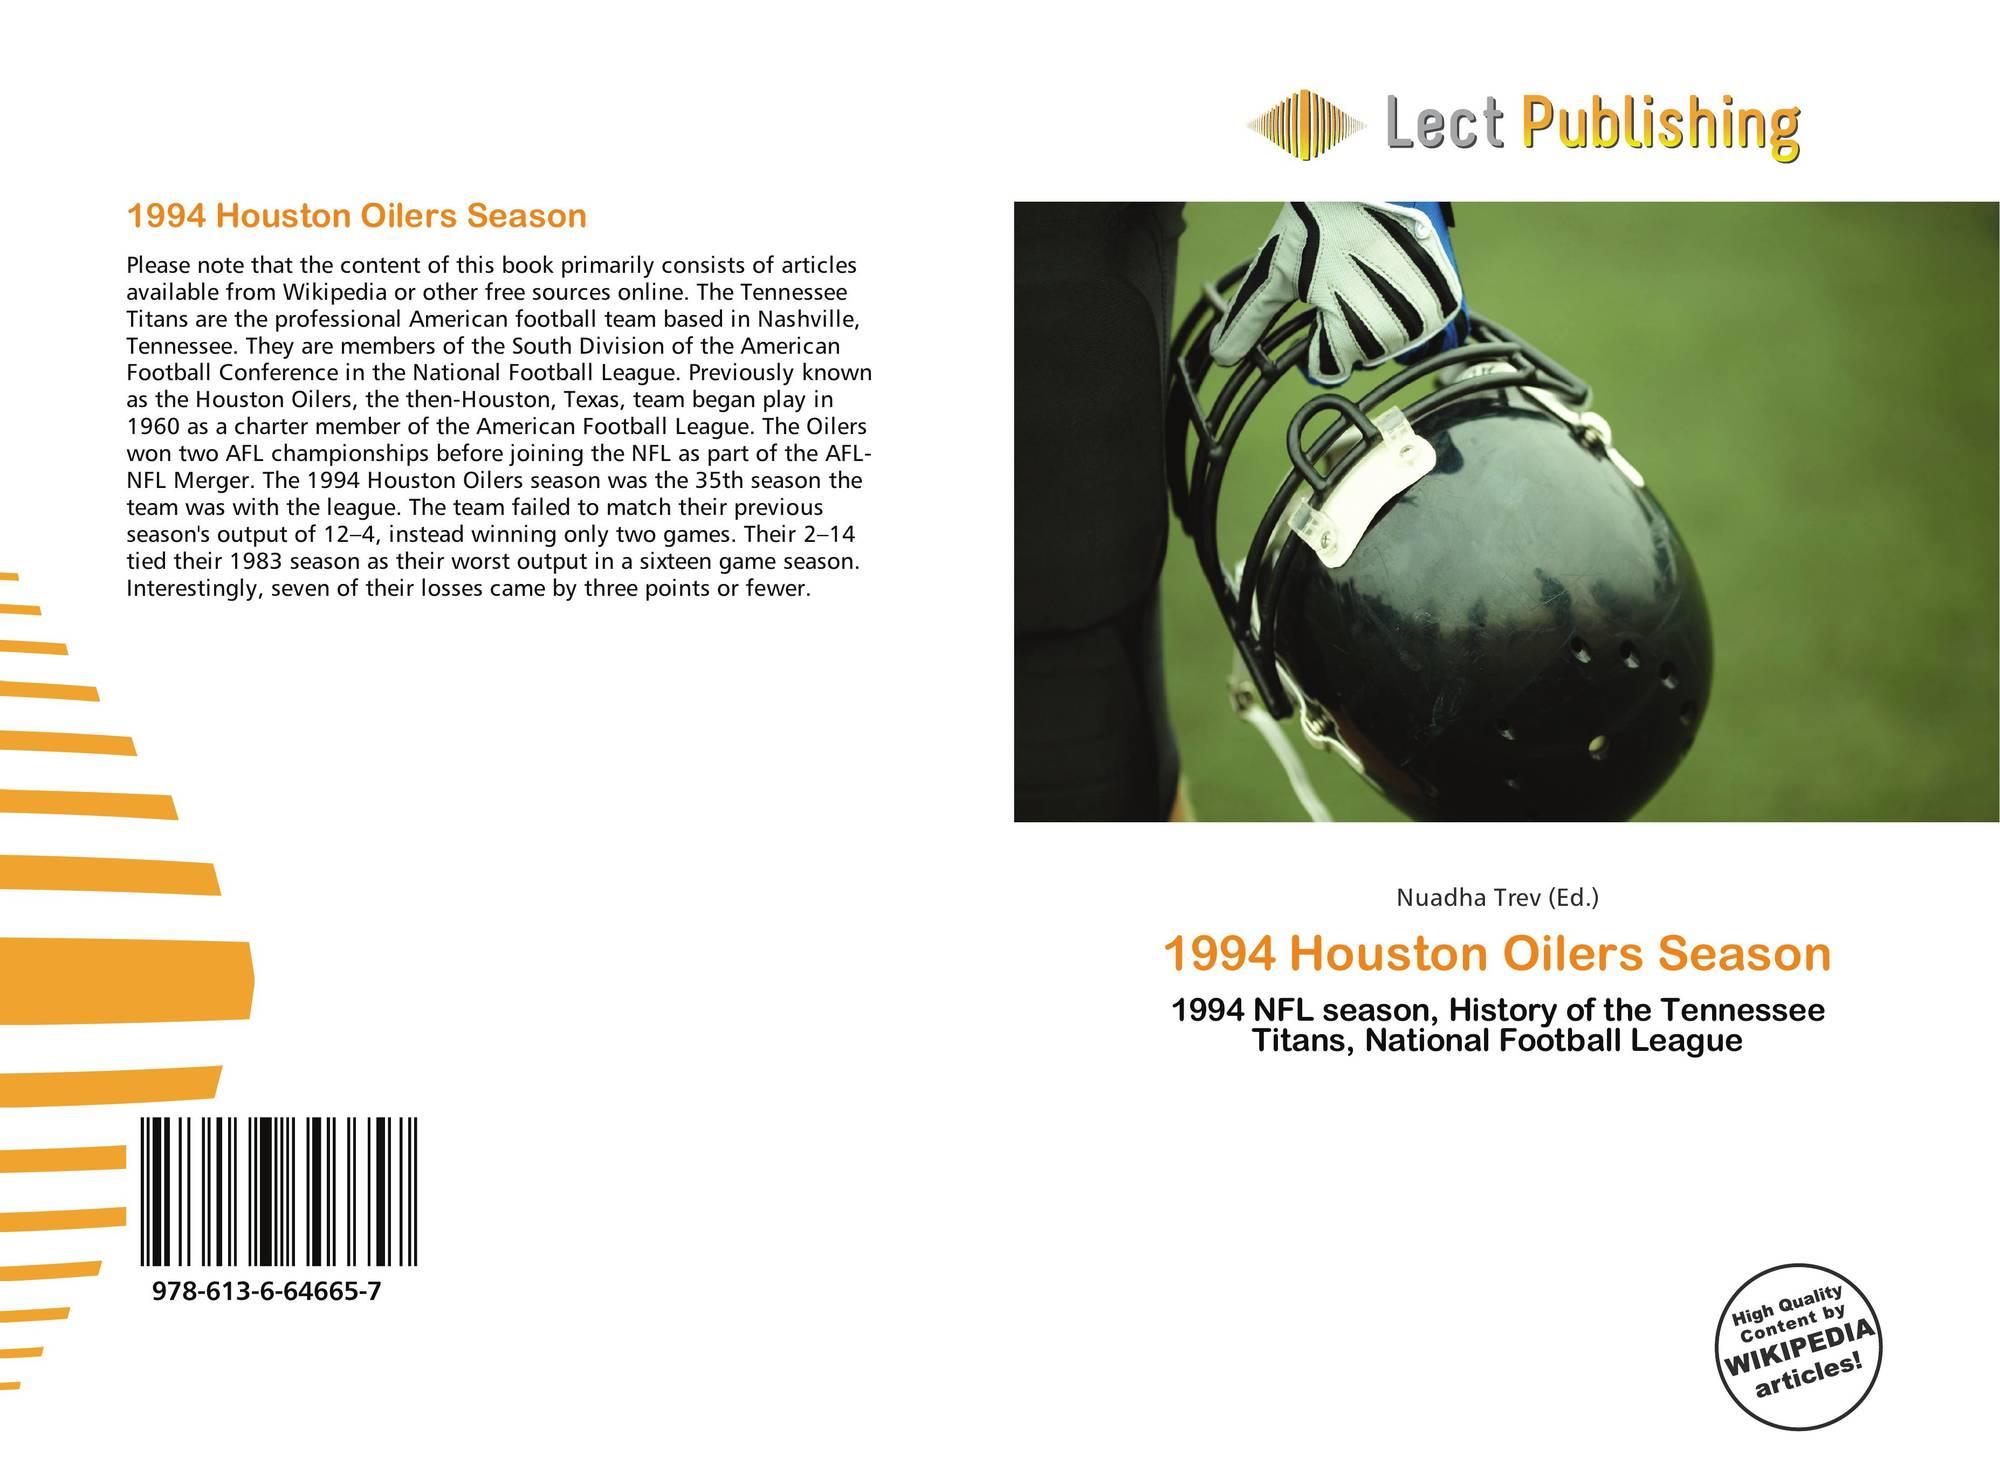 Bookcover of 1994 Houston Oilers Season. 9786136646657 727a2942f